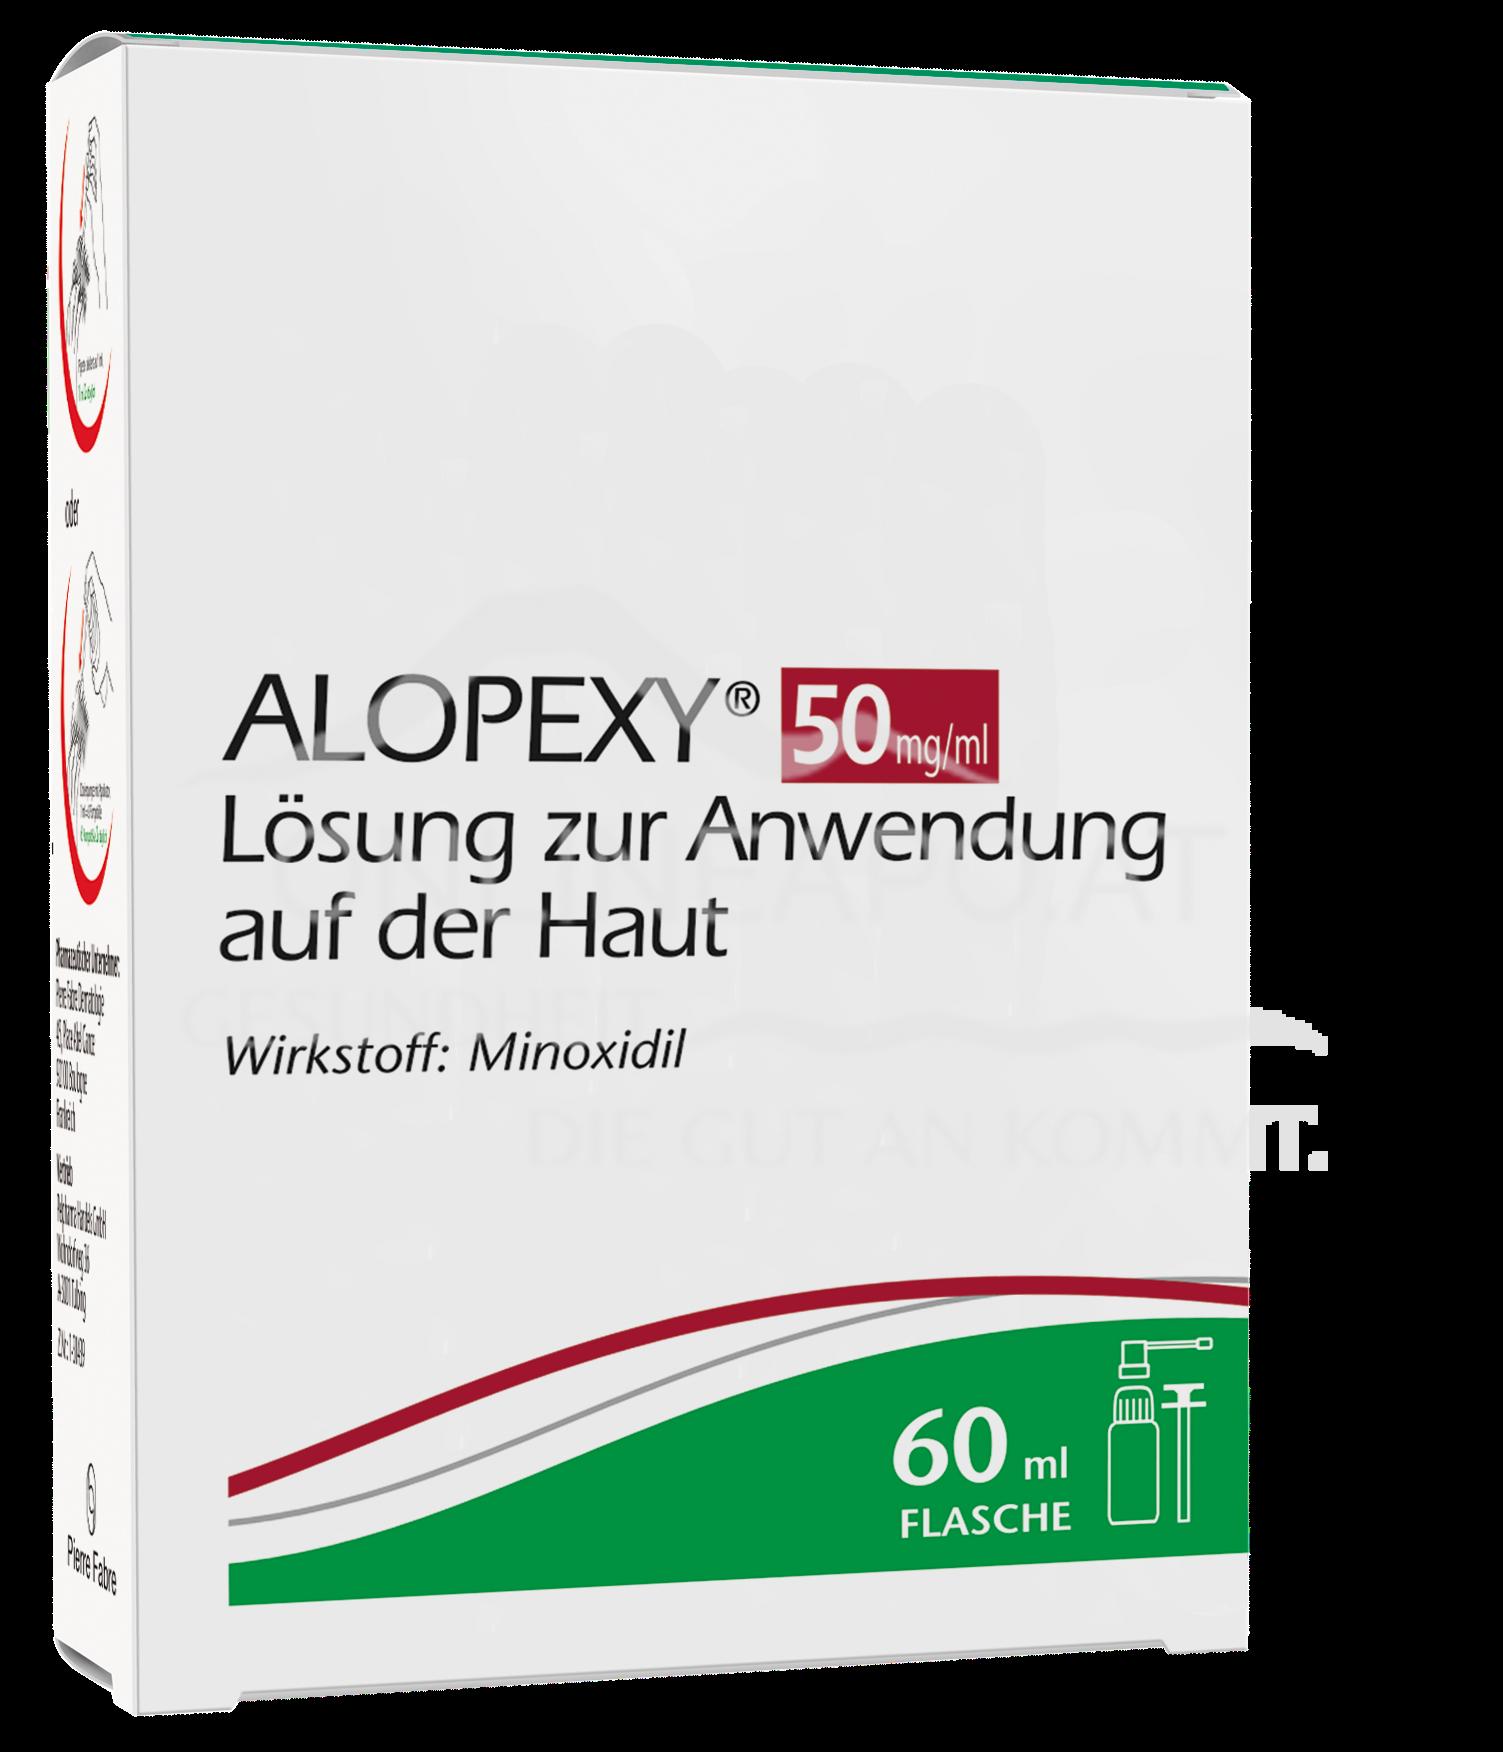 ALOPEXY 50 mg/ml Minoxidil Lösung